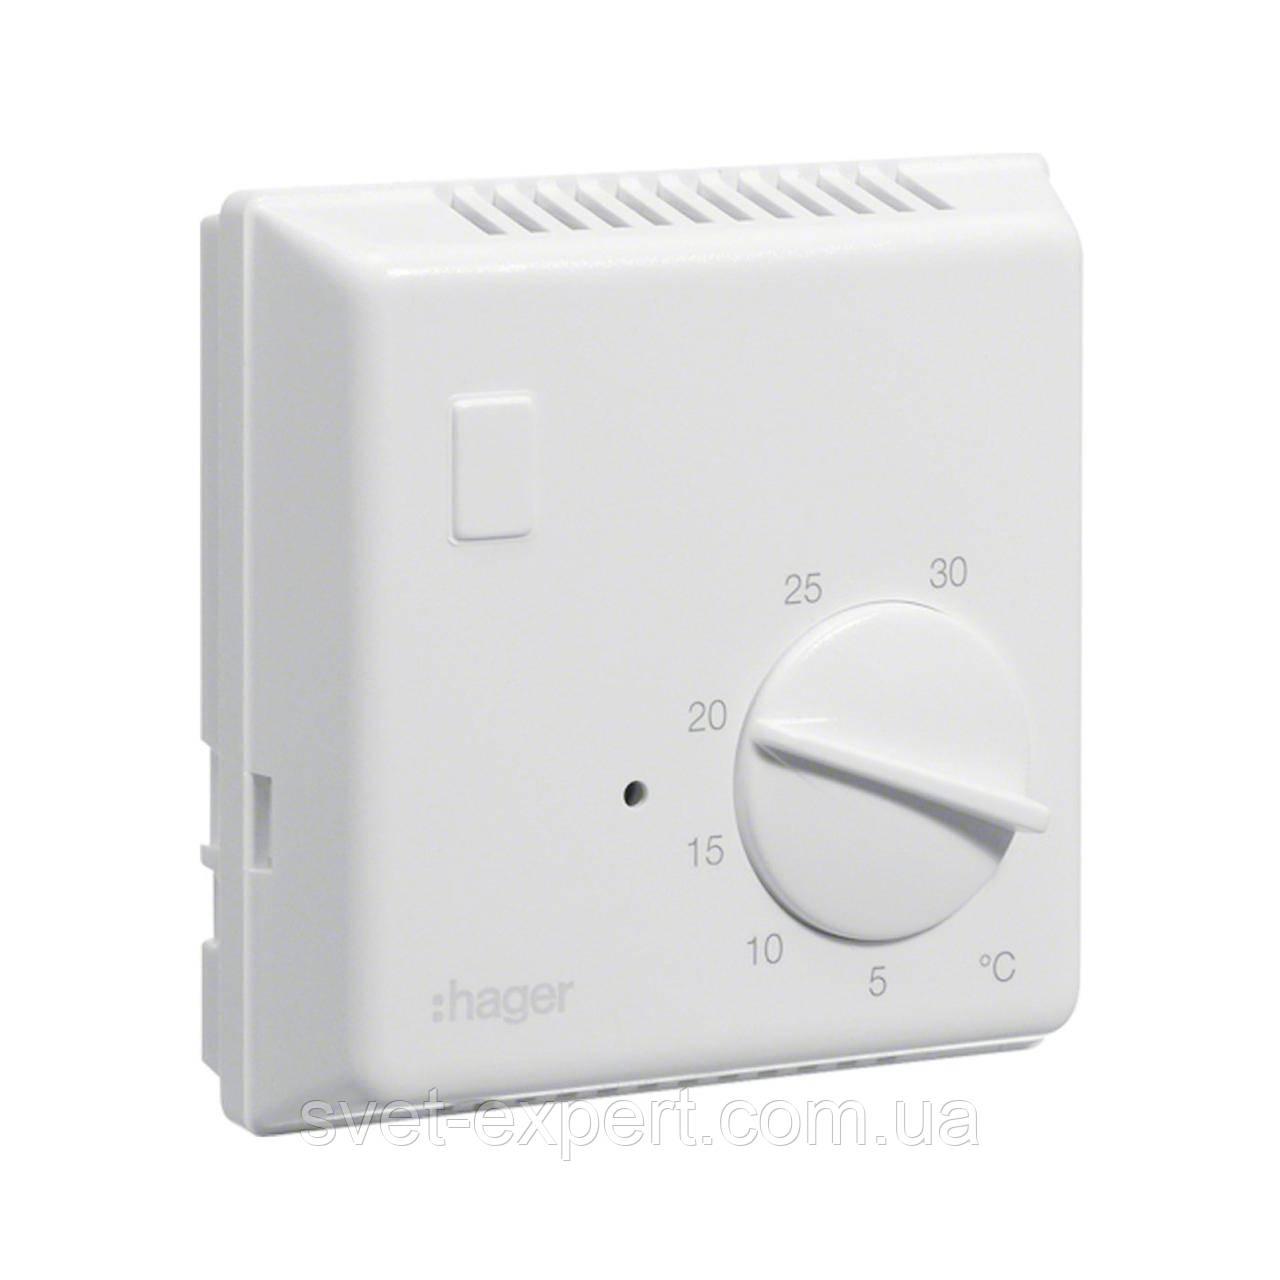 Термостат біметалевий Hager EK052 , 230В/ 10А, контакт - перемикаємий